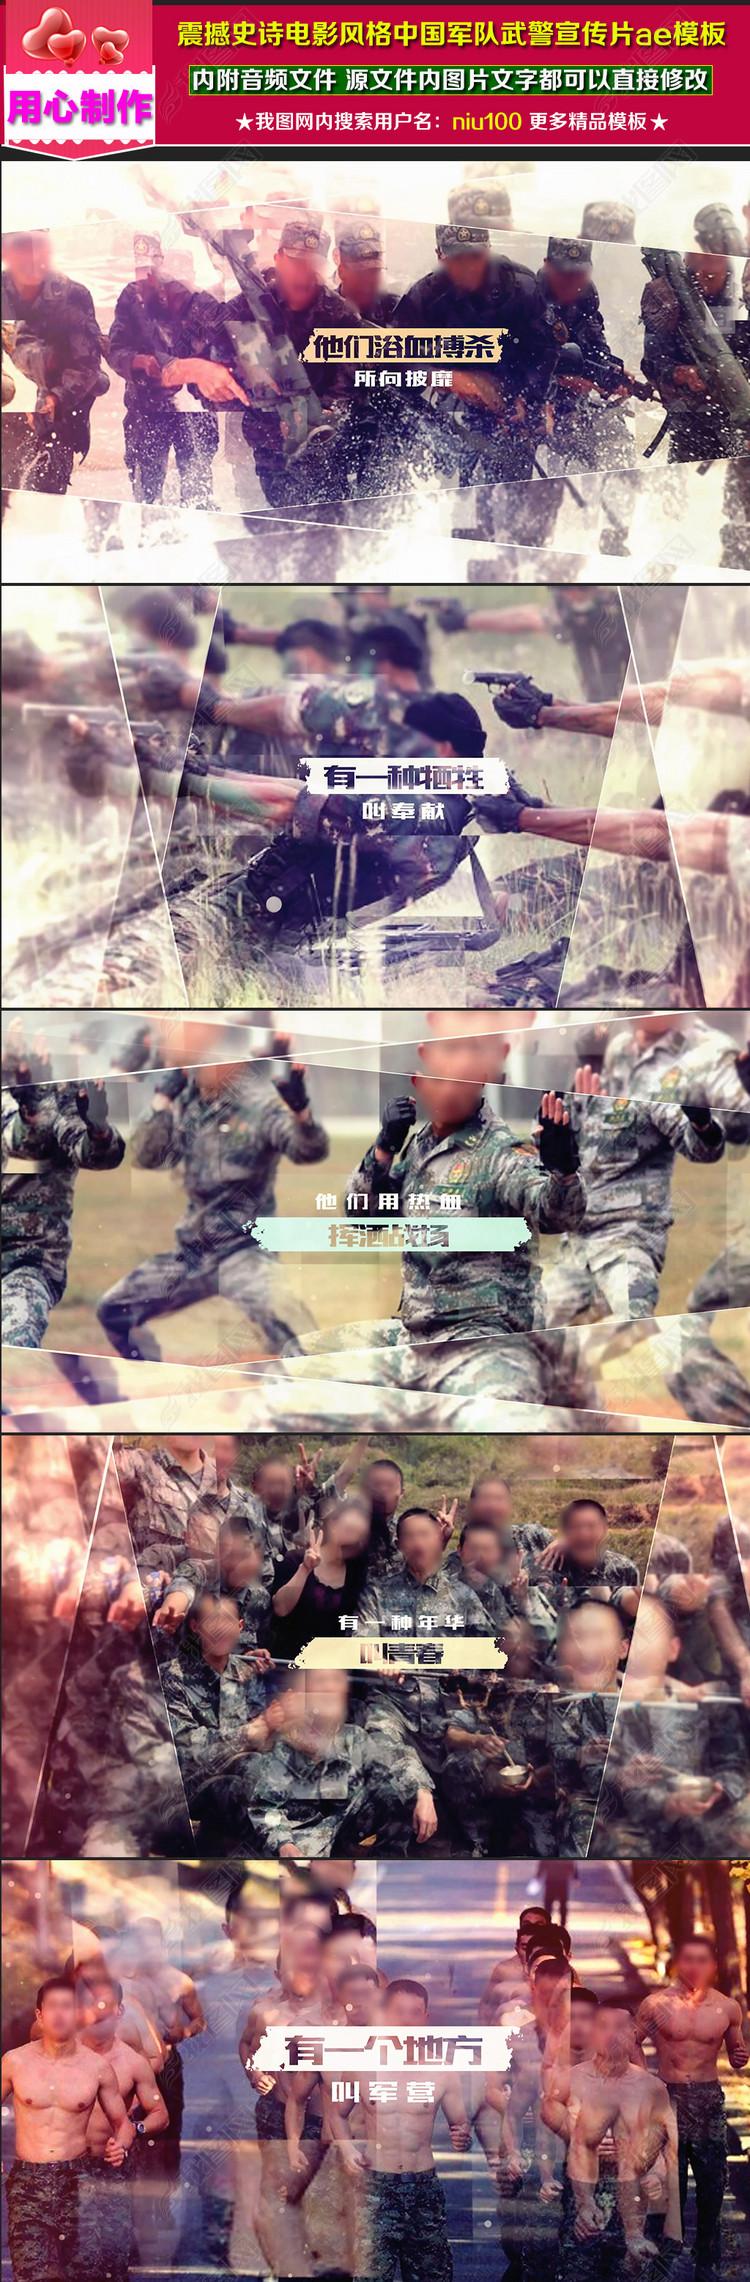 震撼史诗电影风格中国军队武警宣传片ae